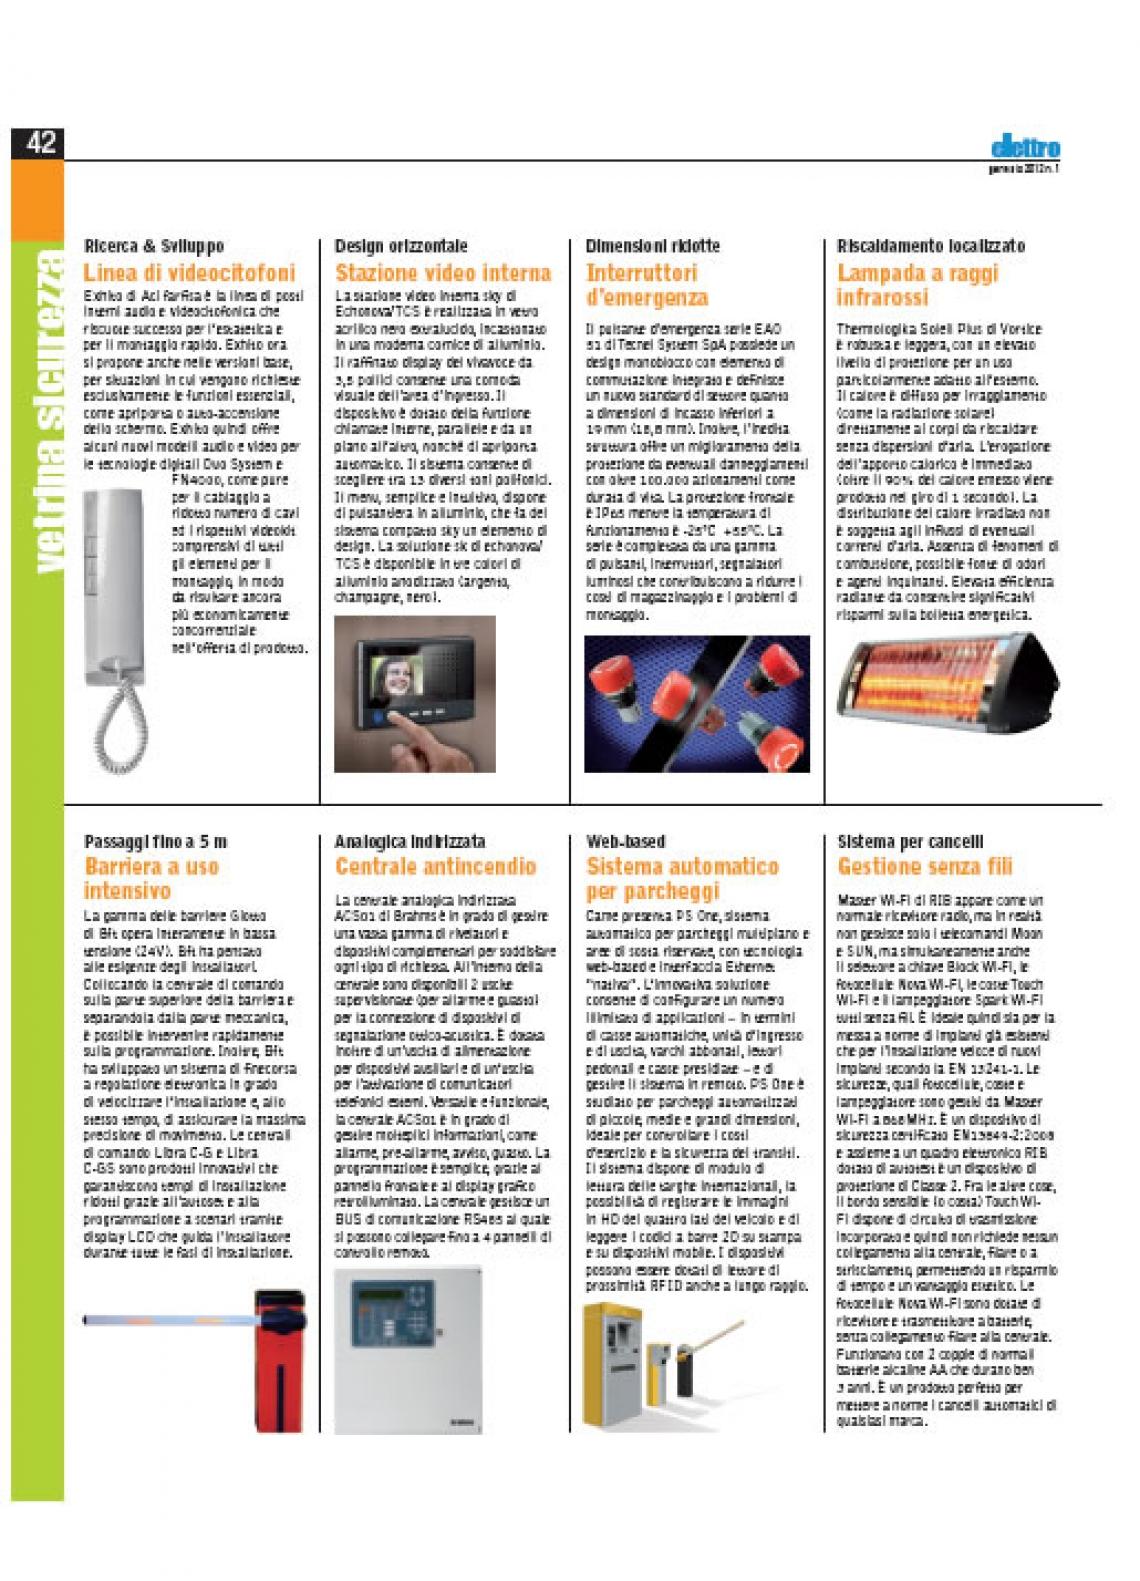 Implementazioni su gamma videocitofonica Exhito